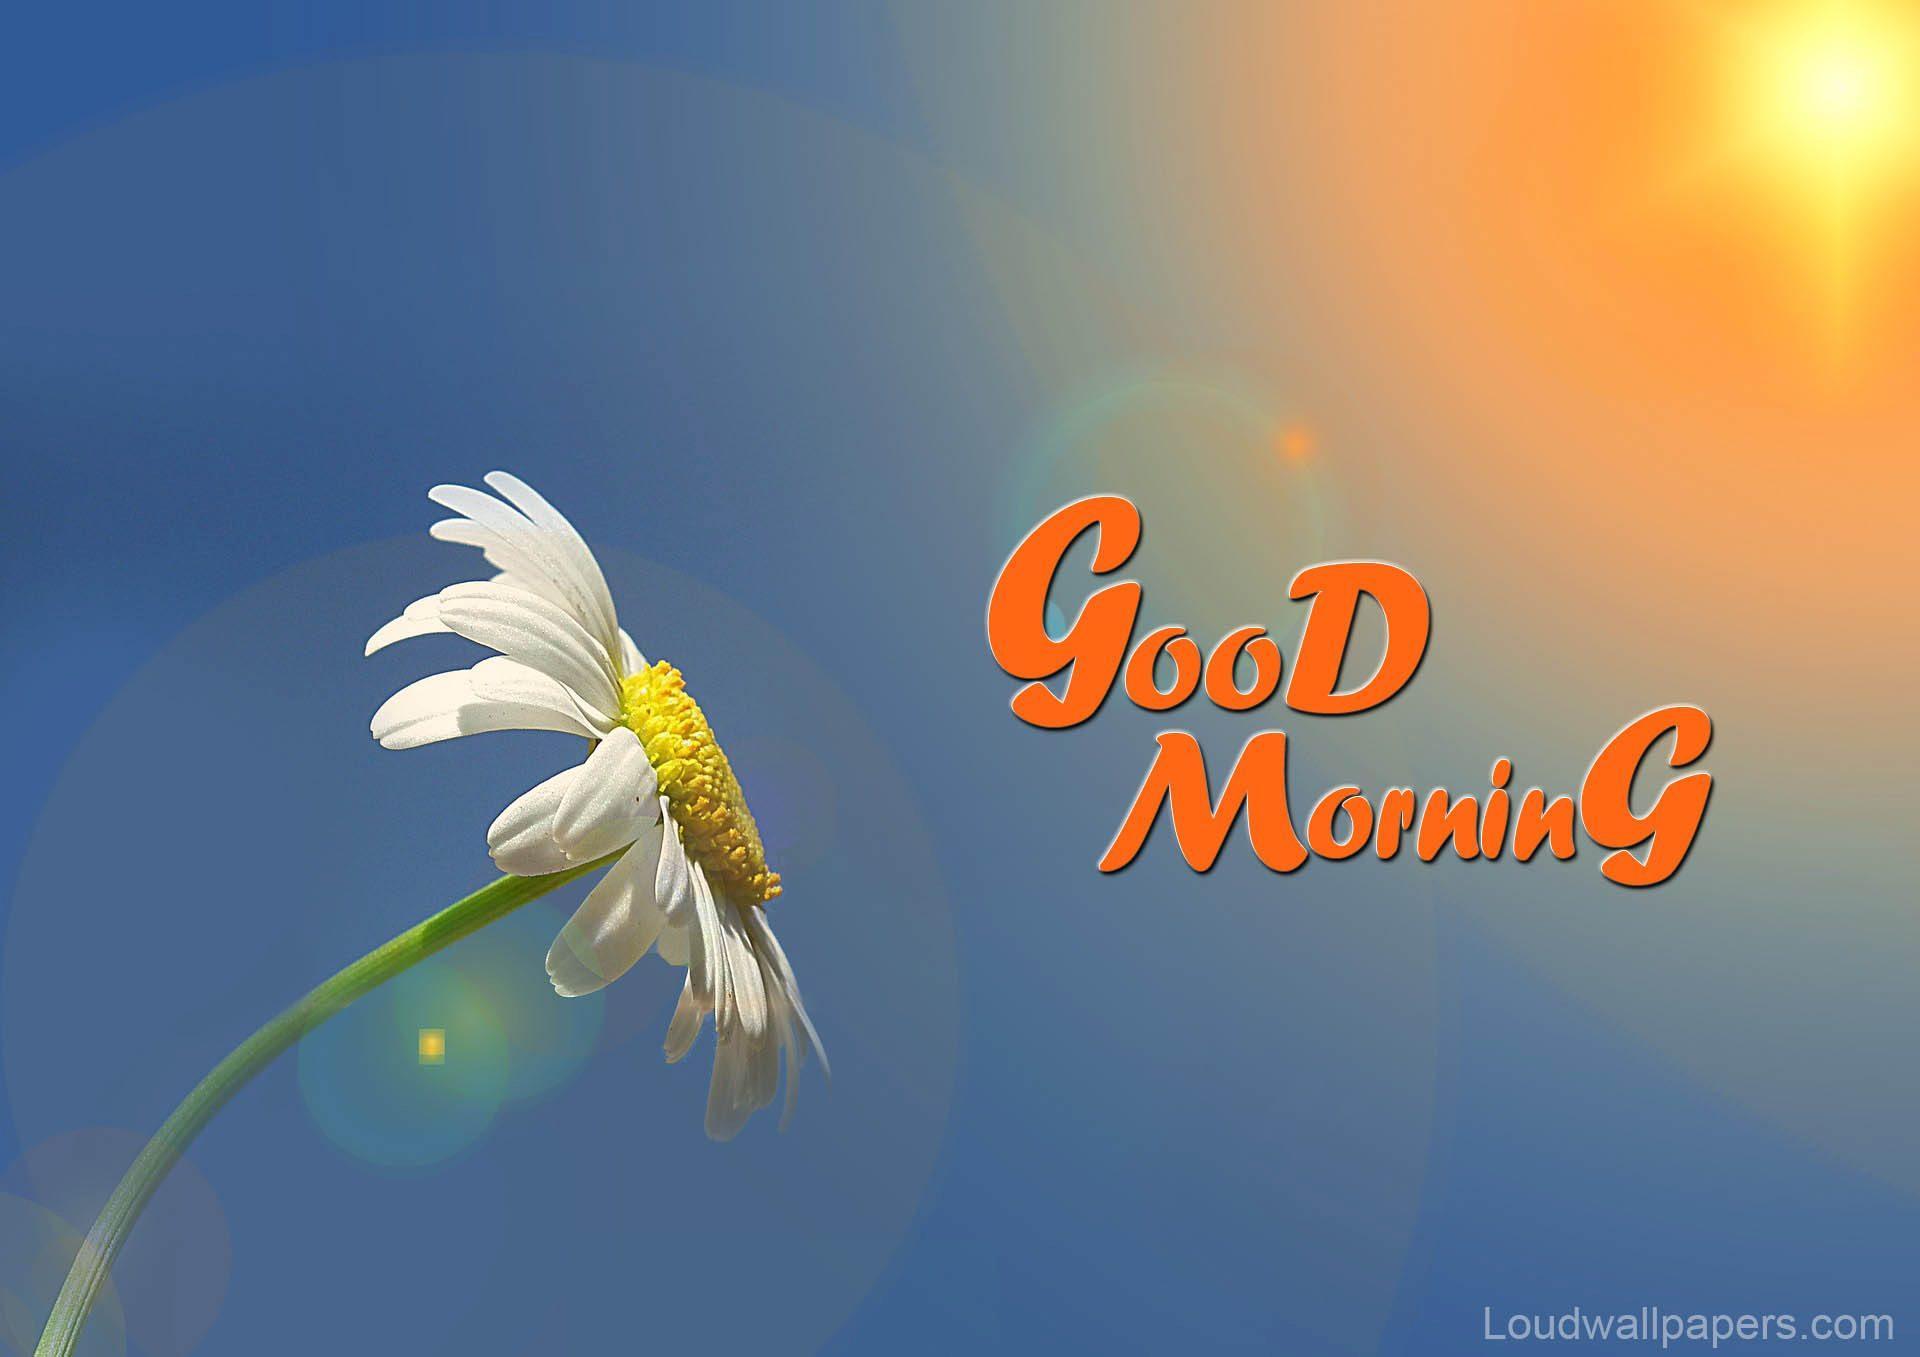 1920x1357 Chào buổi sáng đẹp đẽ với những bông hoa điều ước hình nền